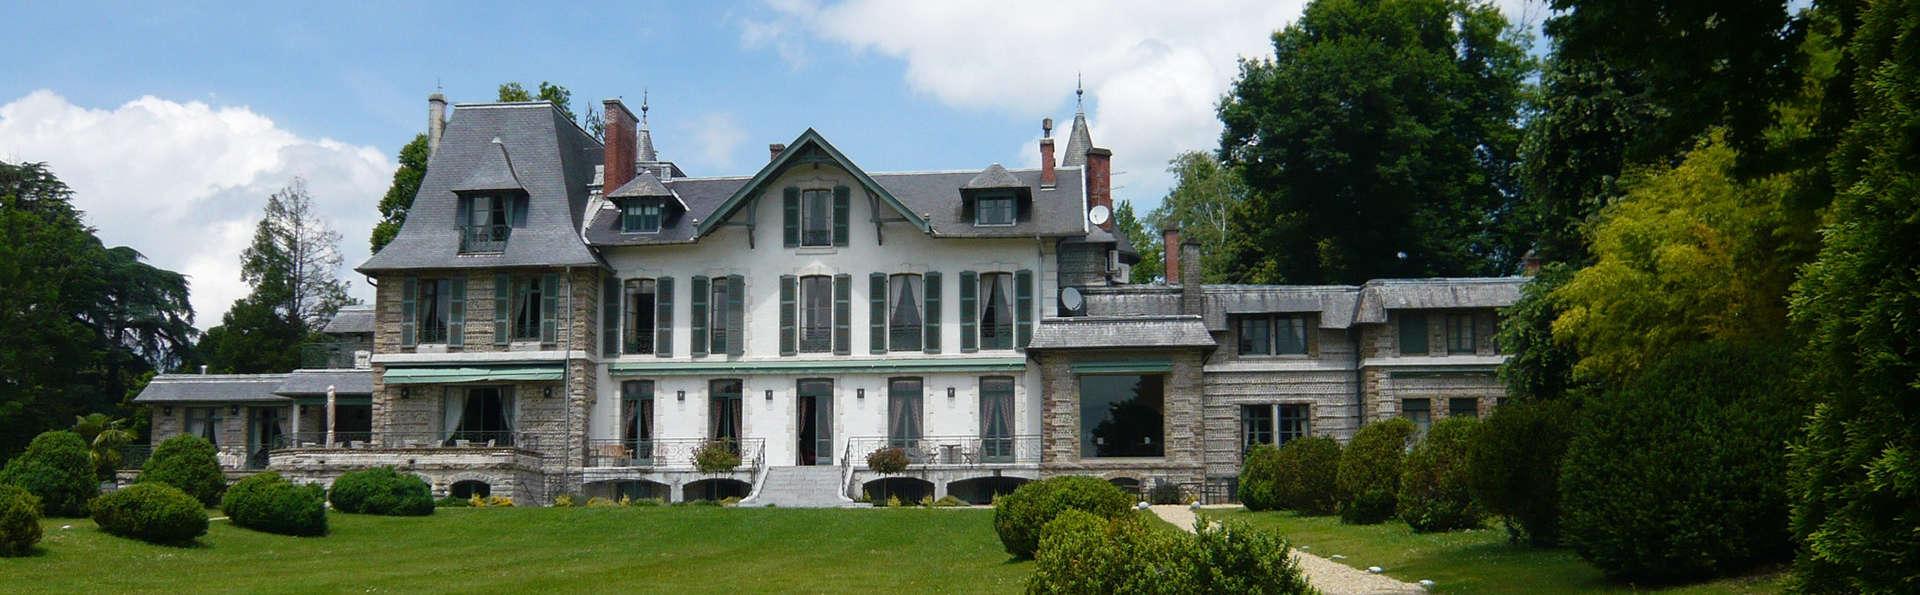 Hôtel Villa Navarre - EDIT_front2.jpg